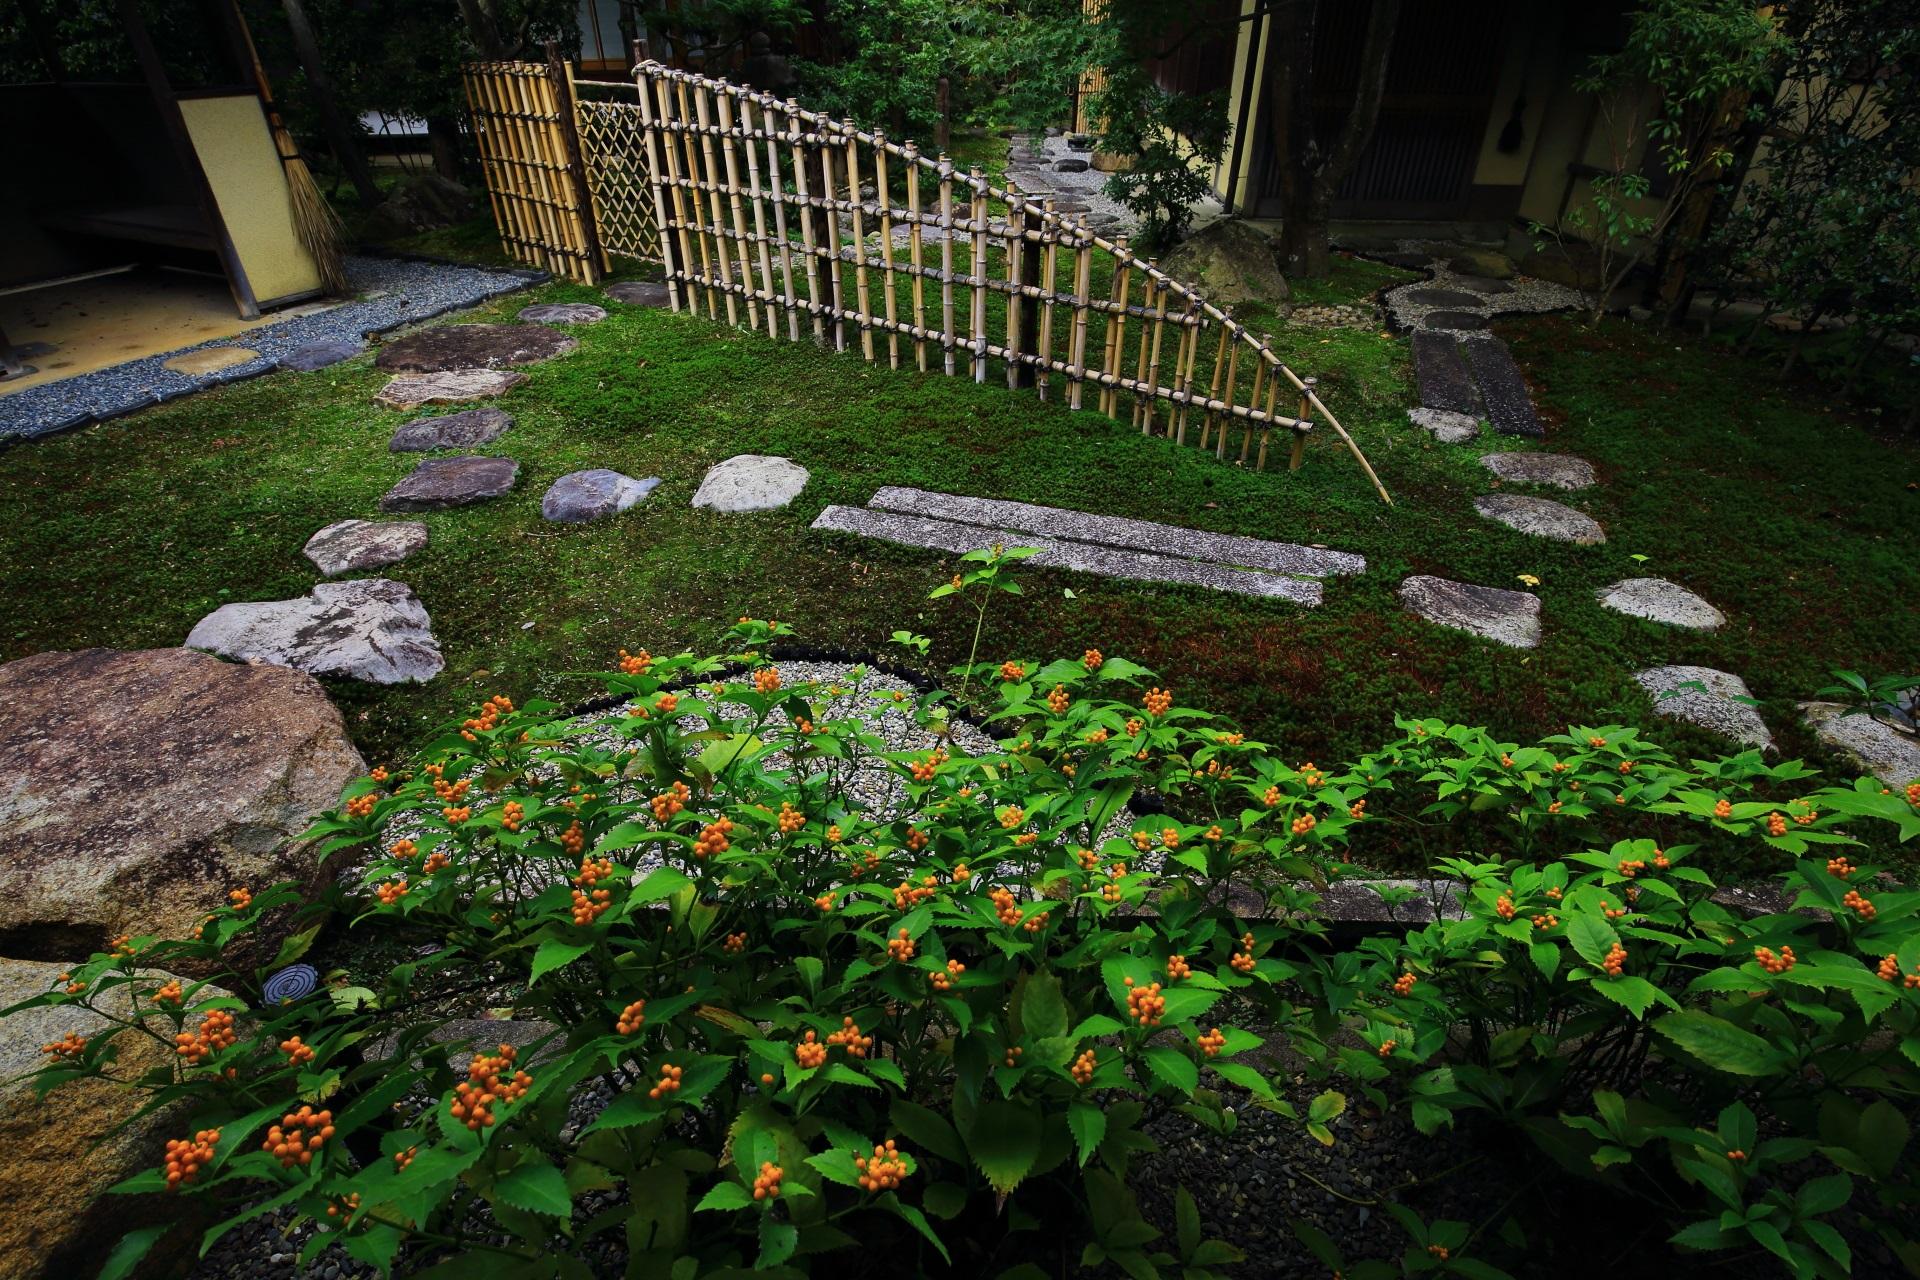 飛び石や竹垣が配された真正極楽寺の露地庭